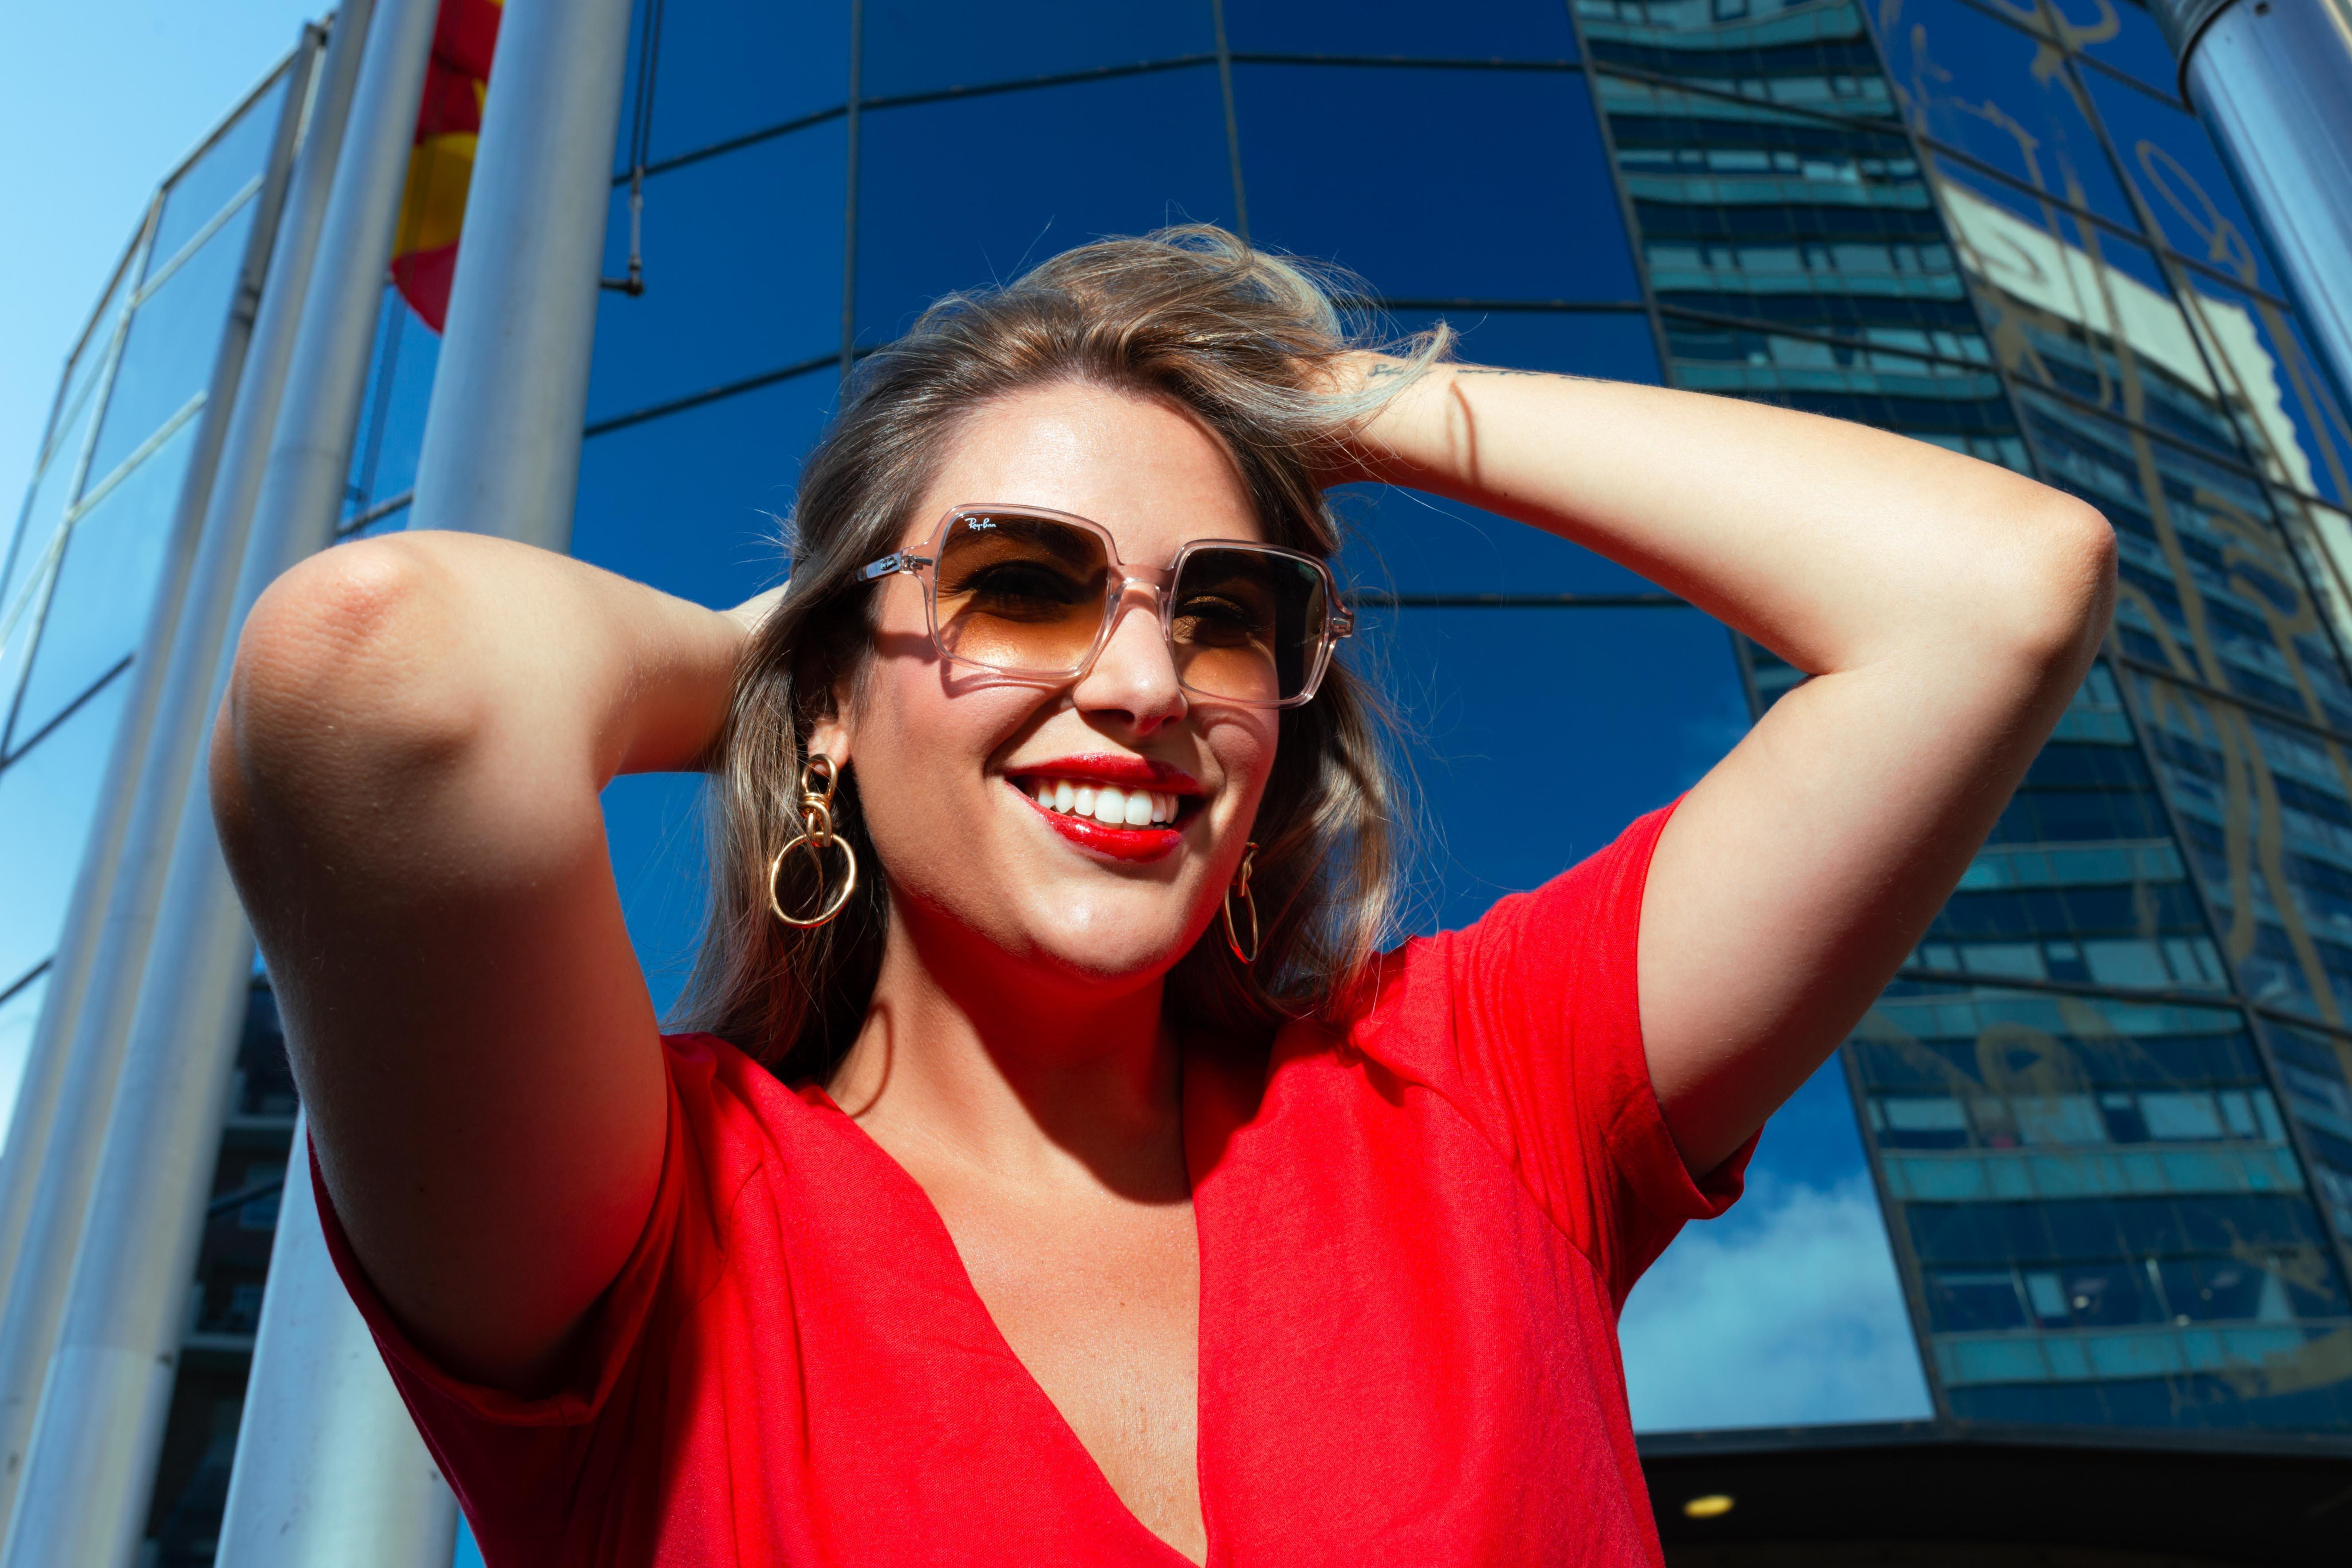 Tendencias en gafas de sol verano 2020